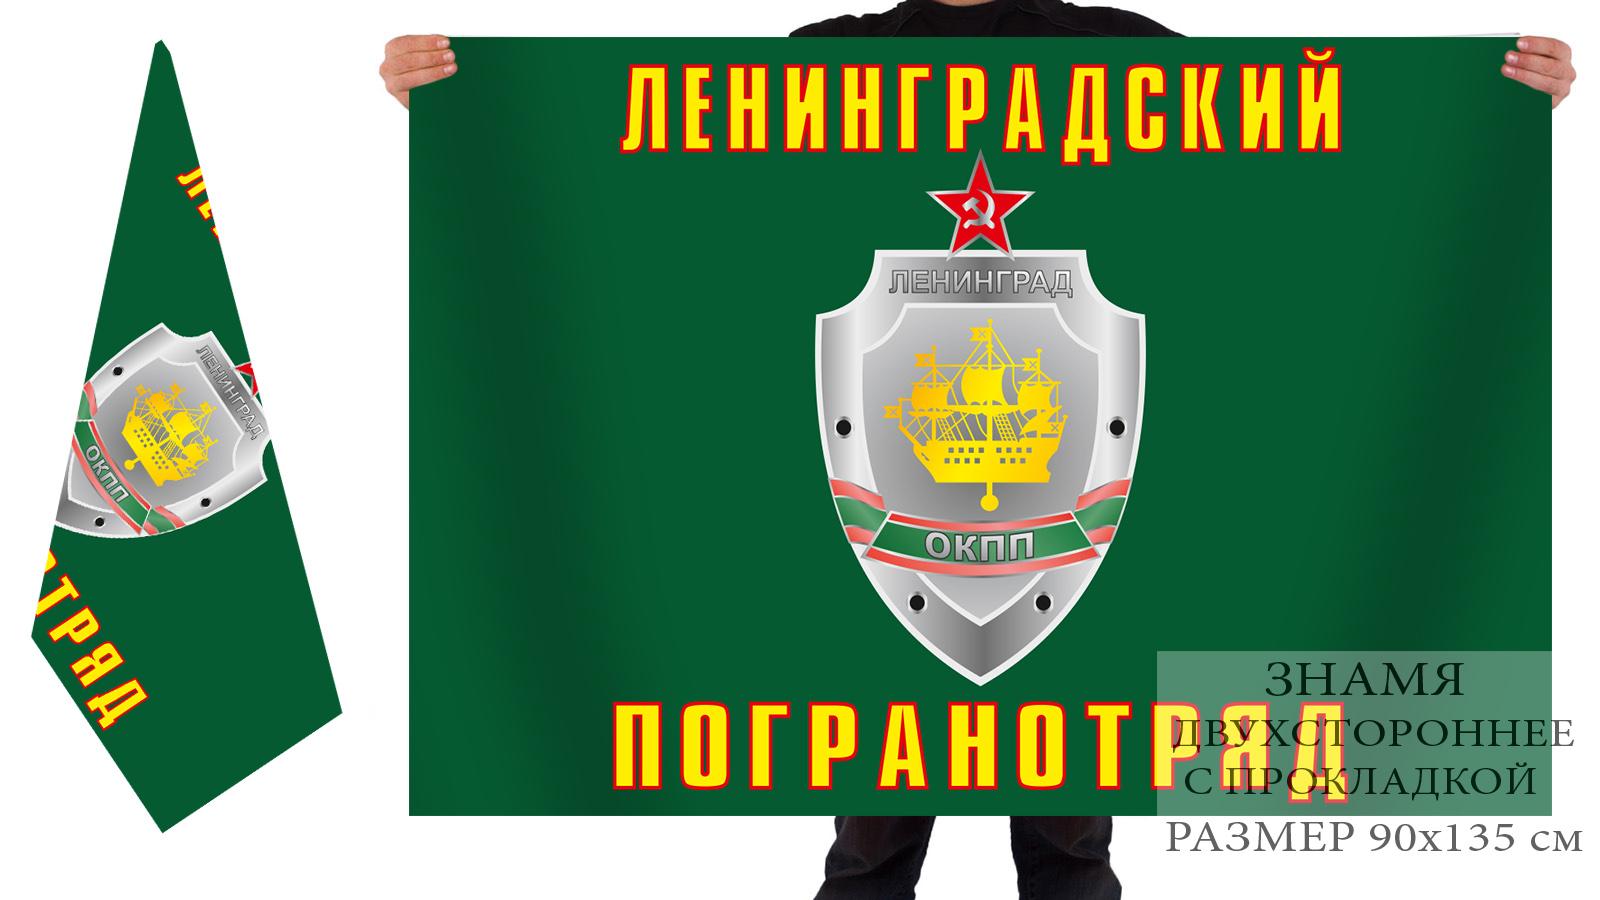 Двусторонний флаг Ленинградского пограничного отряда